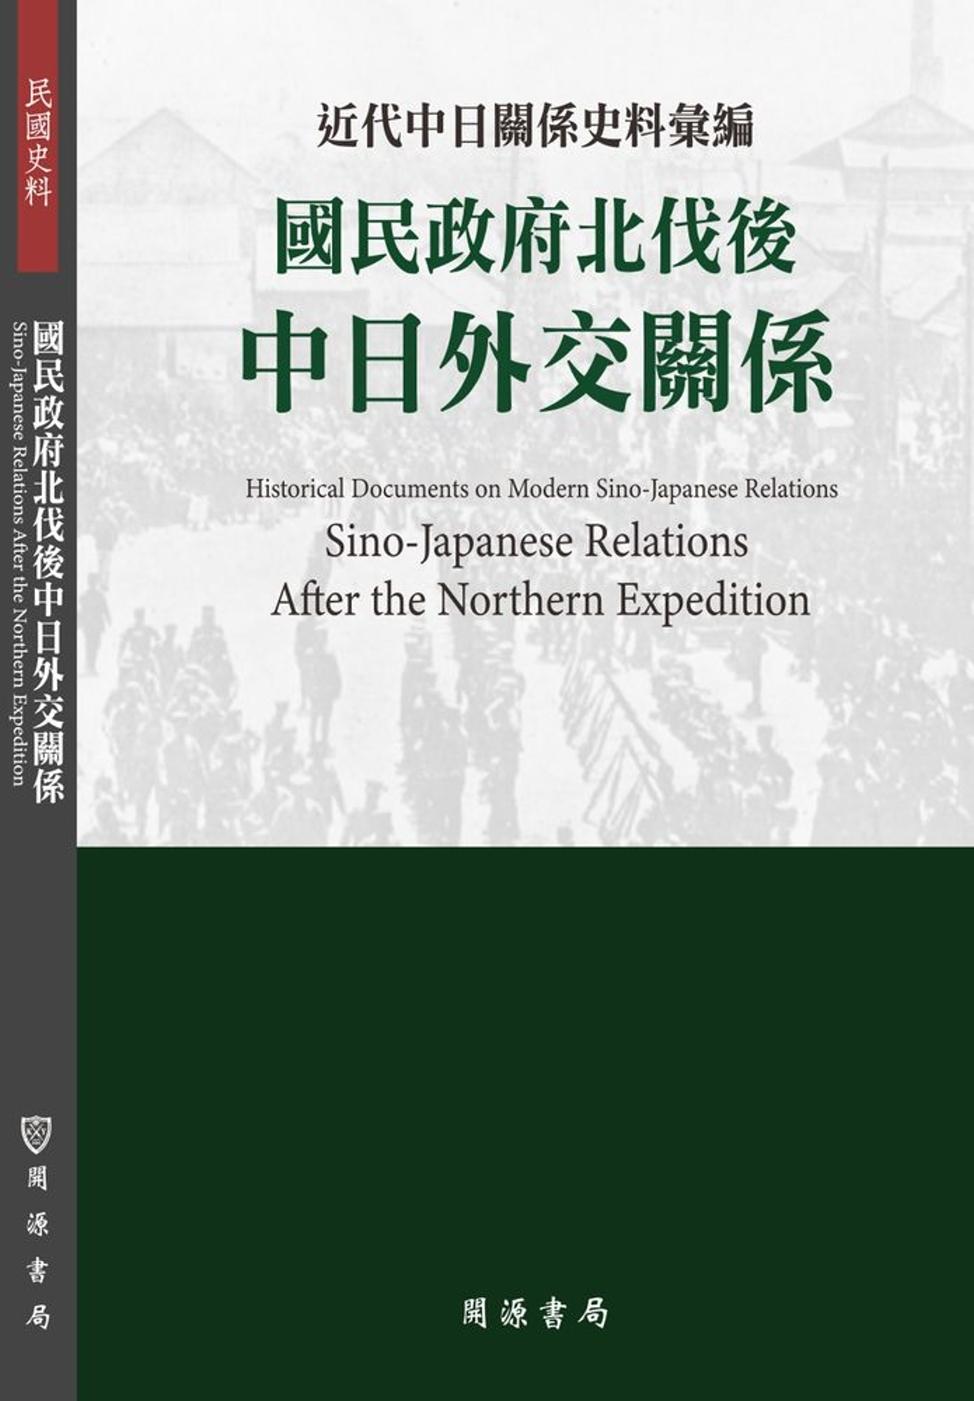 近代中日關係史料彙編:國民政府北伐後中日外交關係